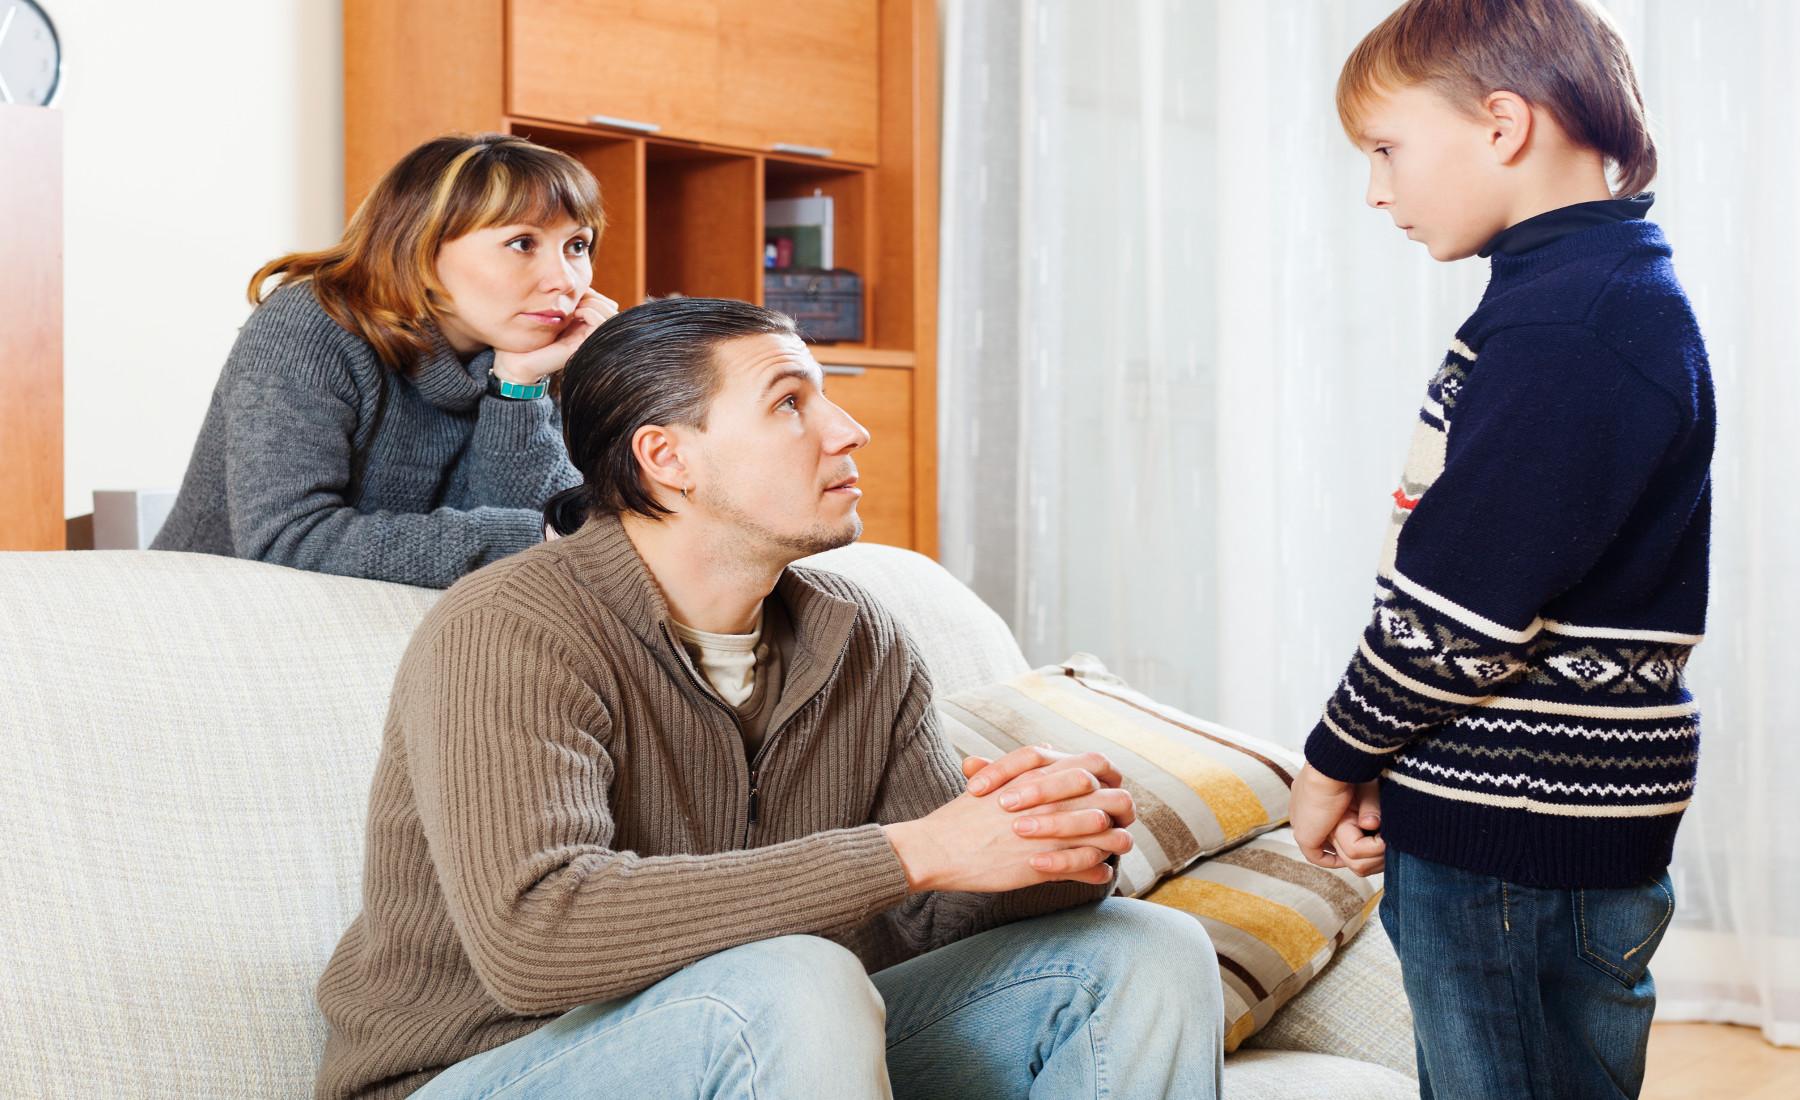 עשה ואל תעשה – הורים גרושים בעידן הקורונה